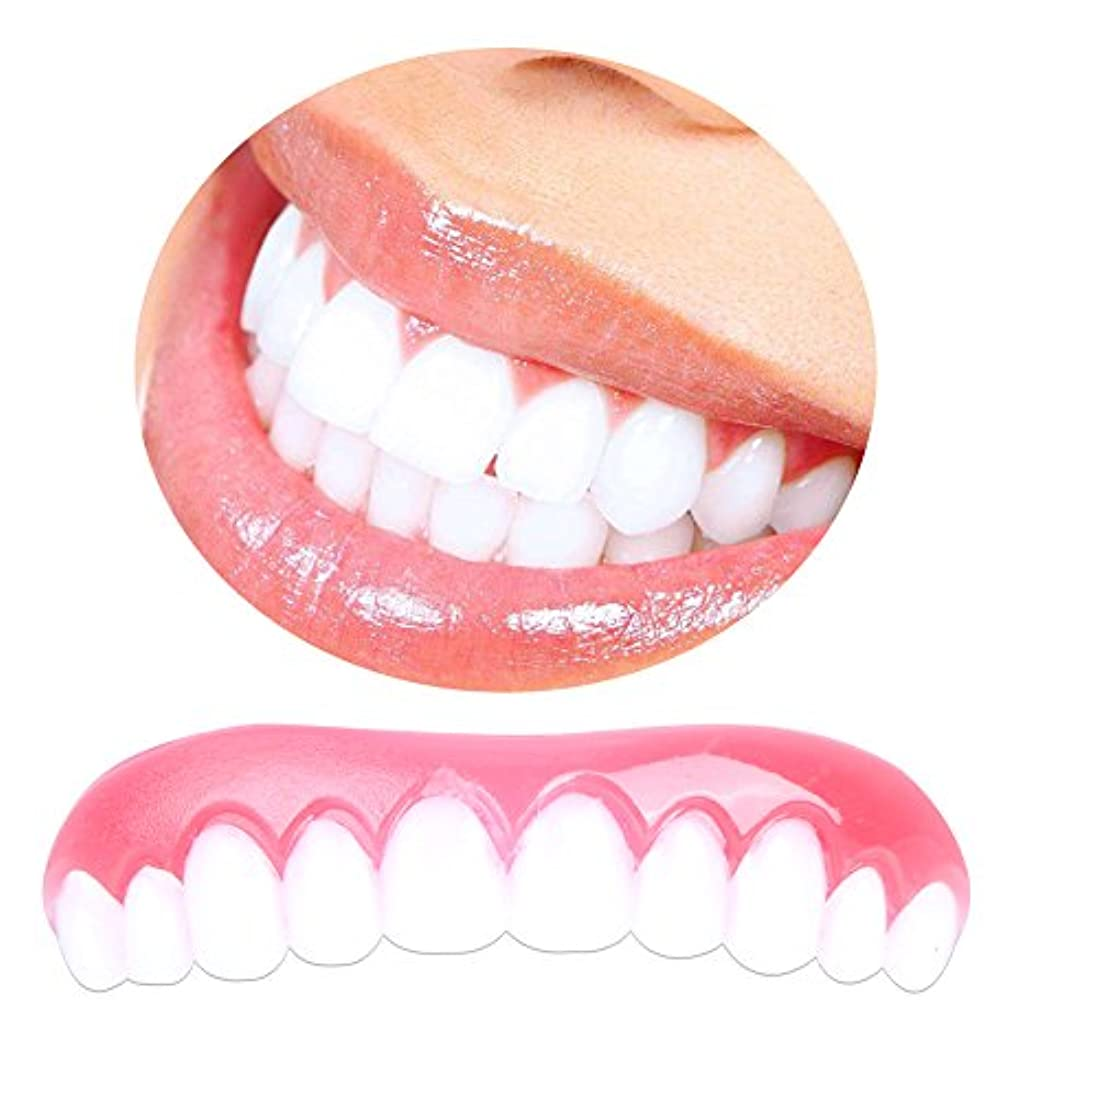 手配するバケットショートカット2ピースコンフォートフィットフレックス化粧品の歯完璧な笑顔のベニヤダブの歯の修正のための歯の修正のための完璧な笑顔のベニヤの歯のホワイトニング